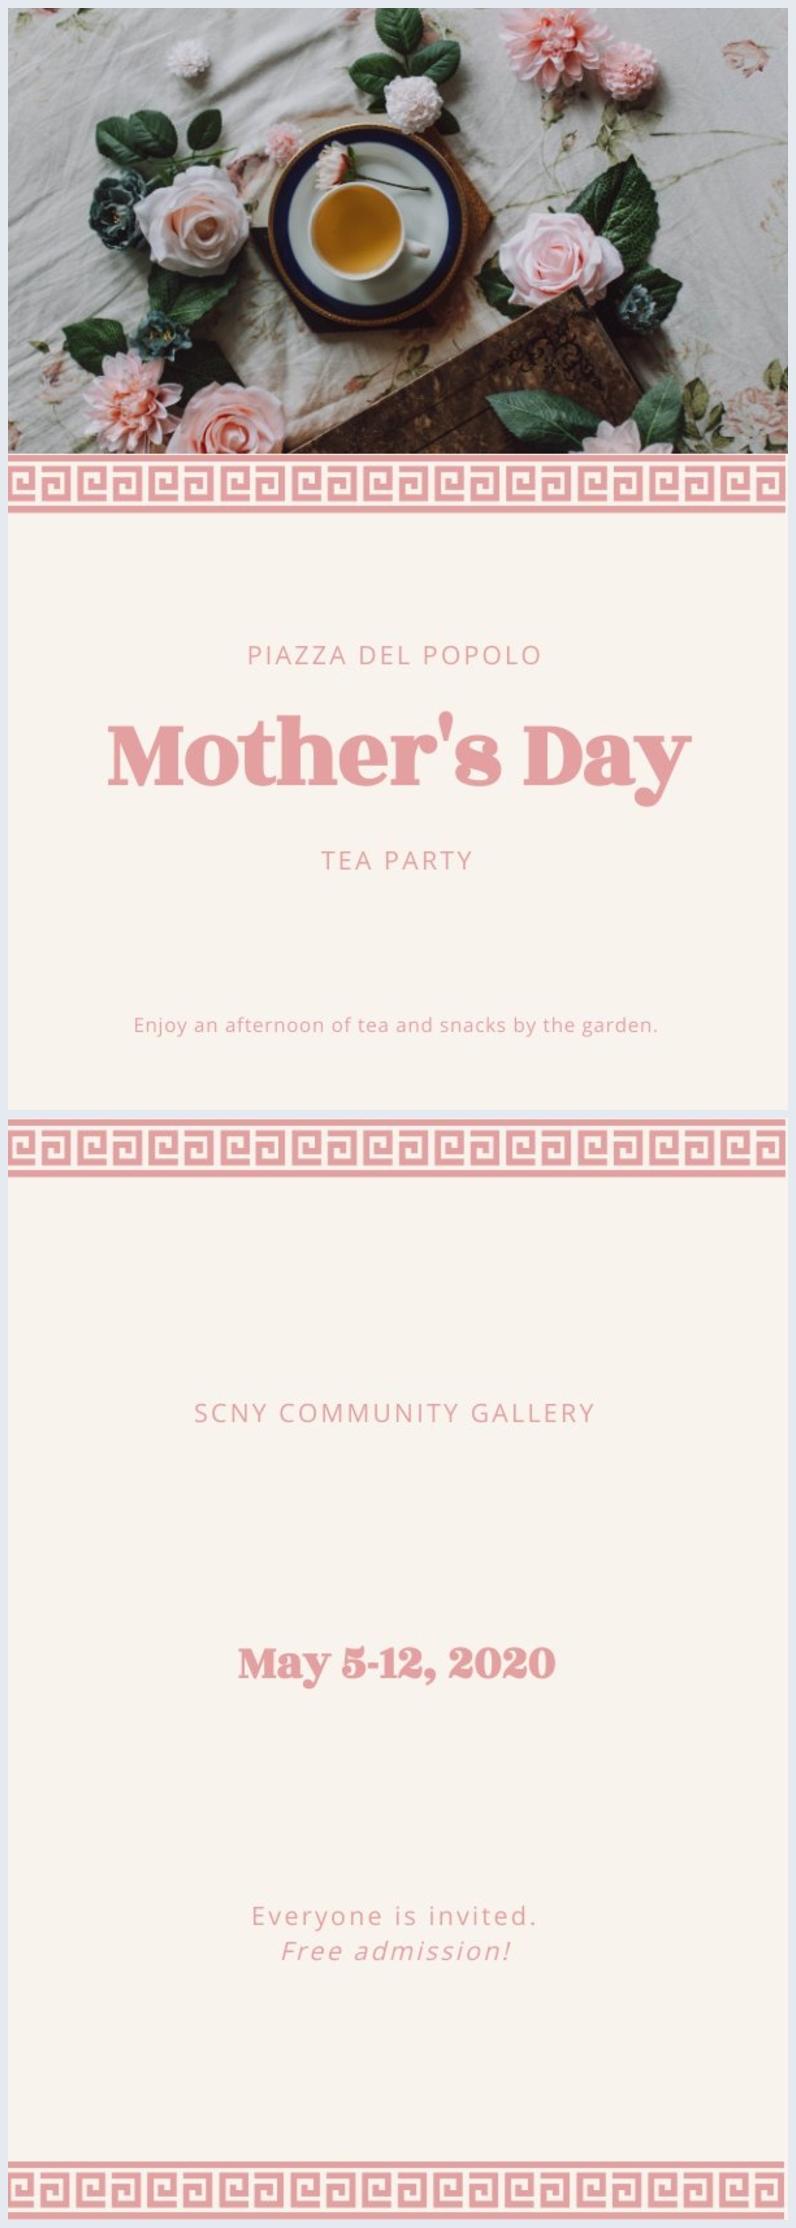 Layout de convite de festa de chá do Dia das Mães elegante